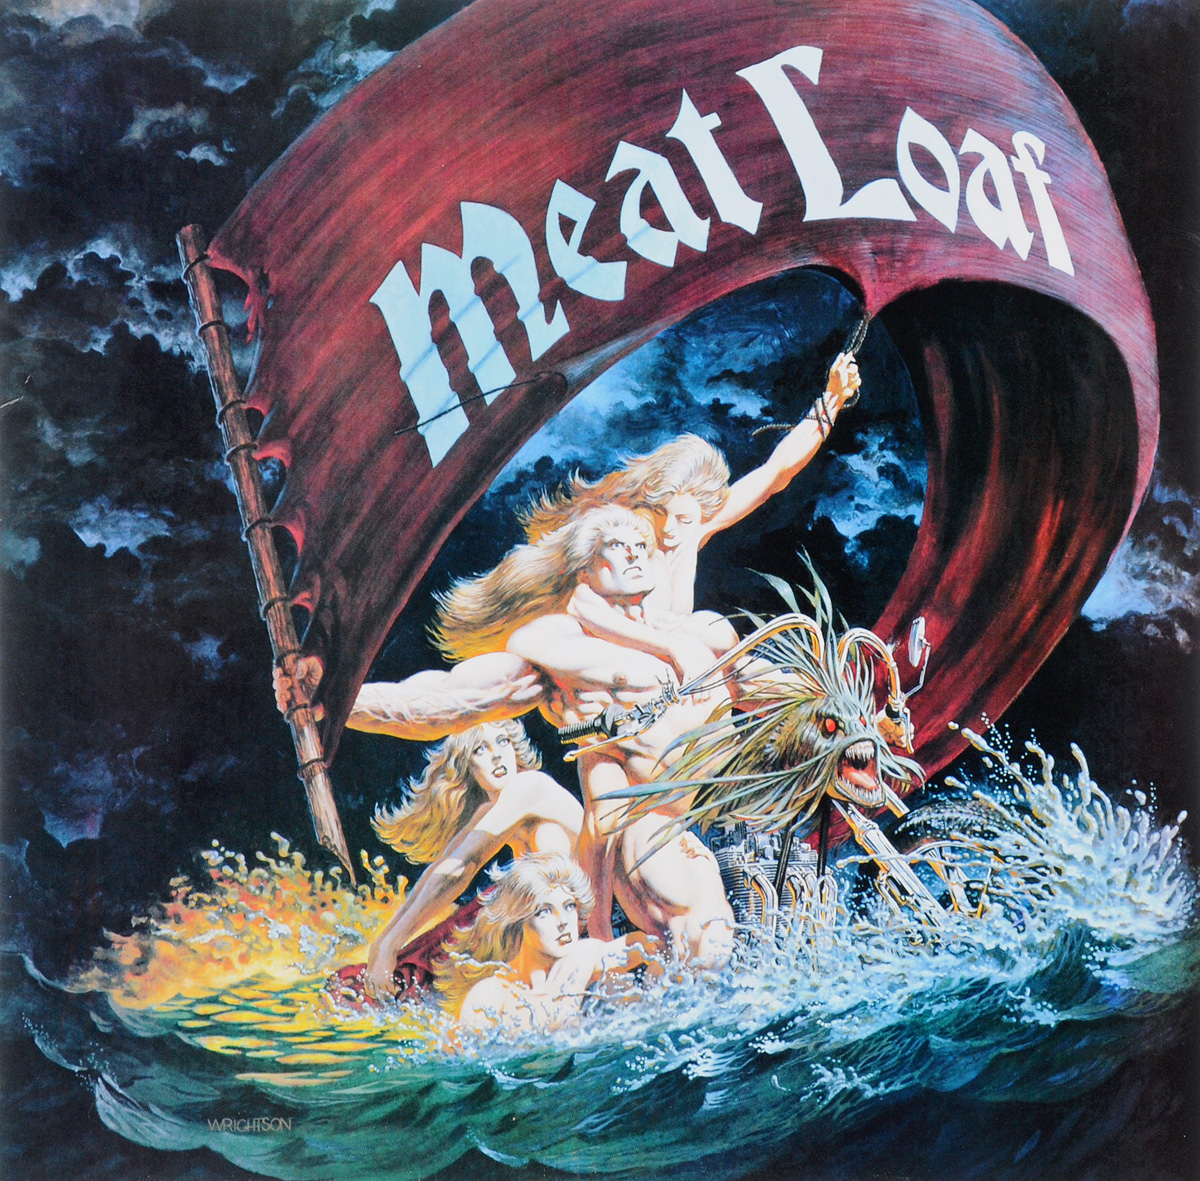 Meat Loaf. Dead Ringer (LP)